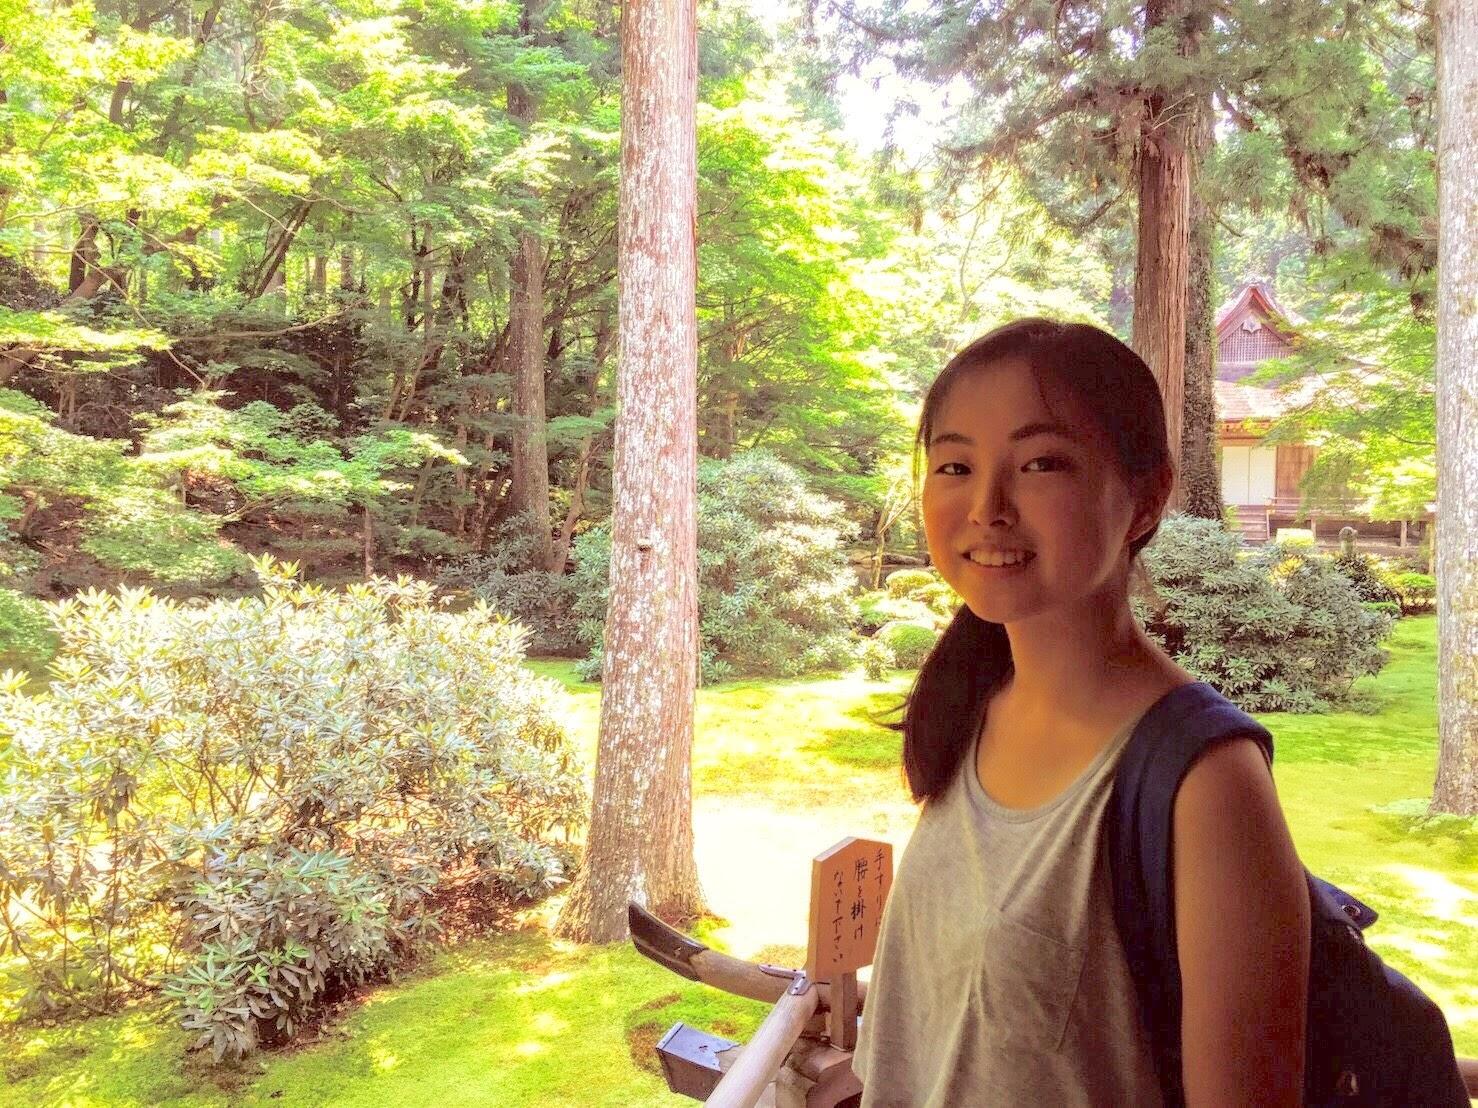 Minako Hatta